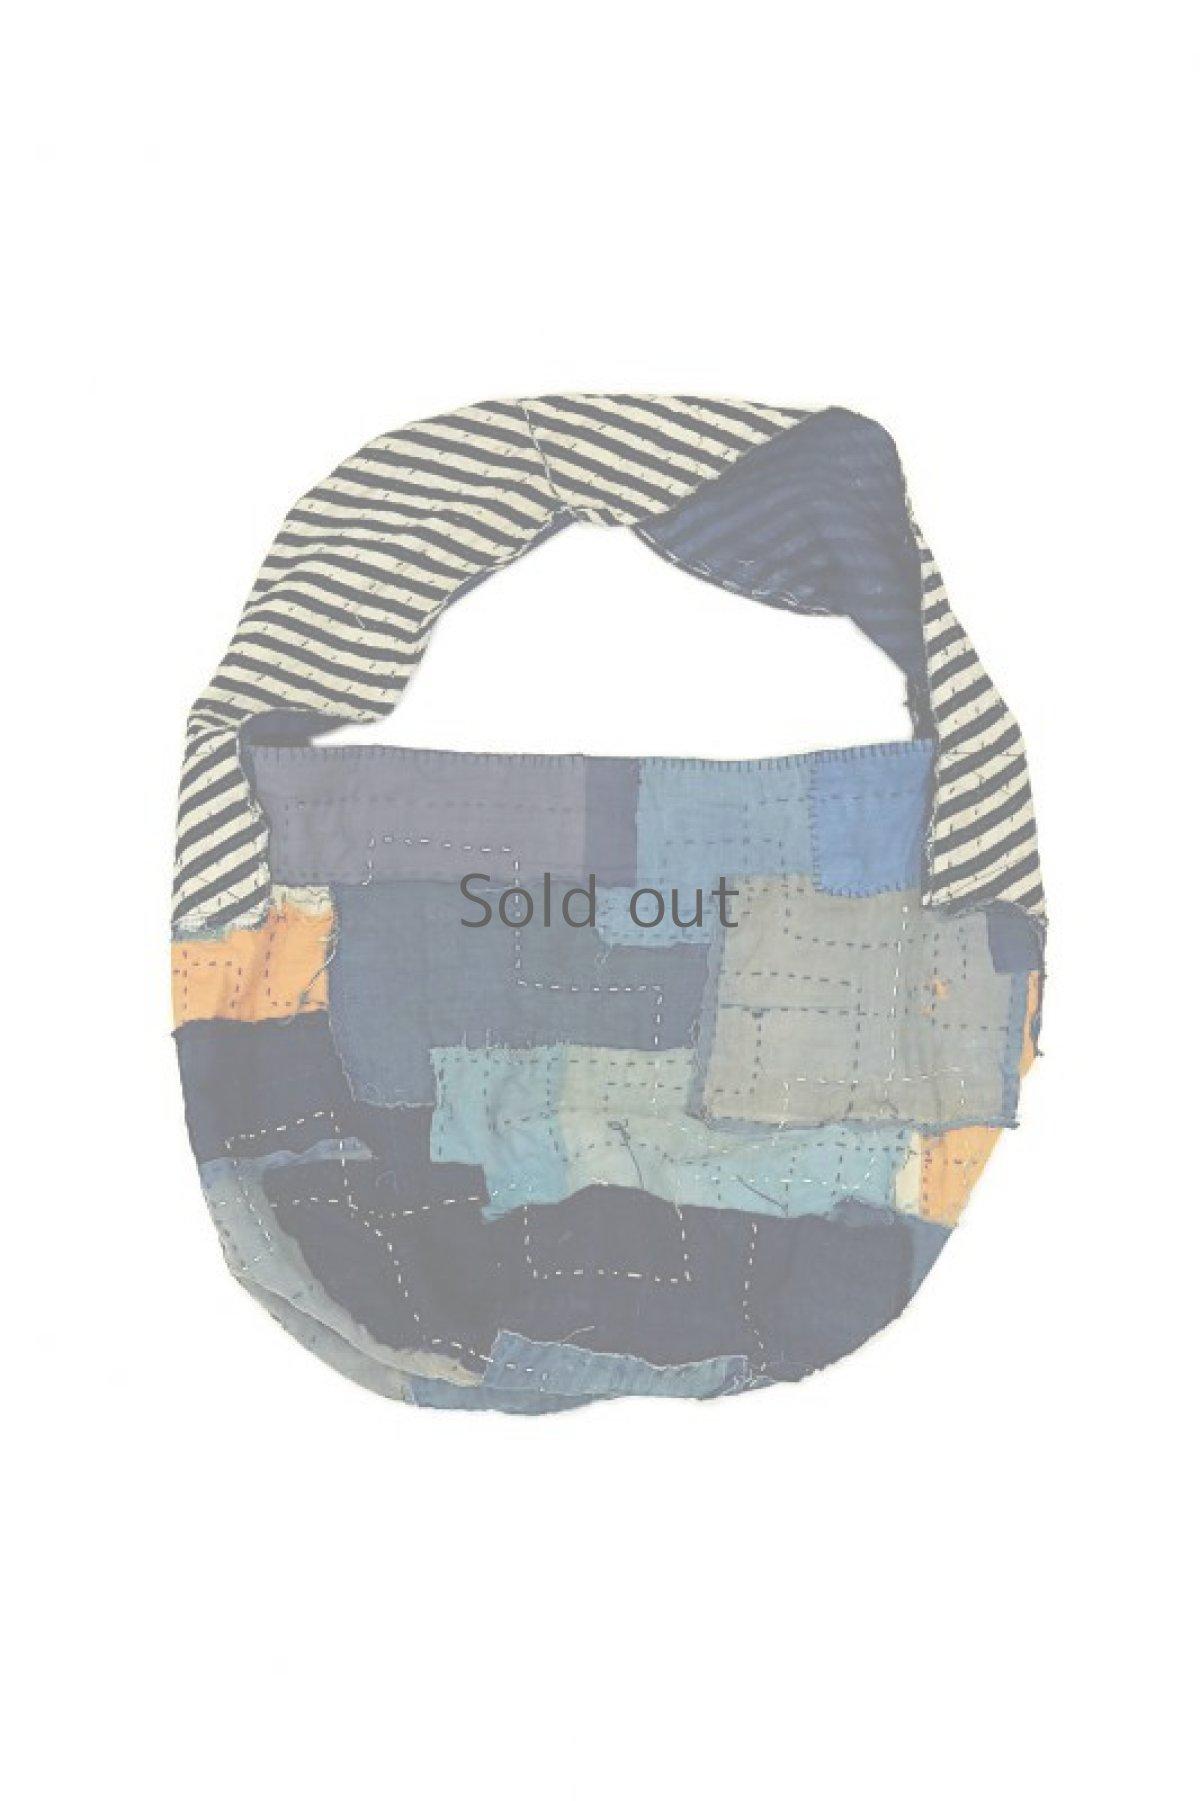 画像1: 【MITSUGU SASAKI】BORO古布 パッチワーク米袋のリバーシブル大きめのショルダーバッグ(藍のパッチと縞) (1)